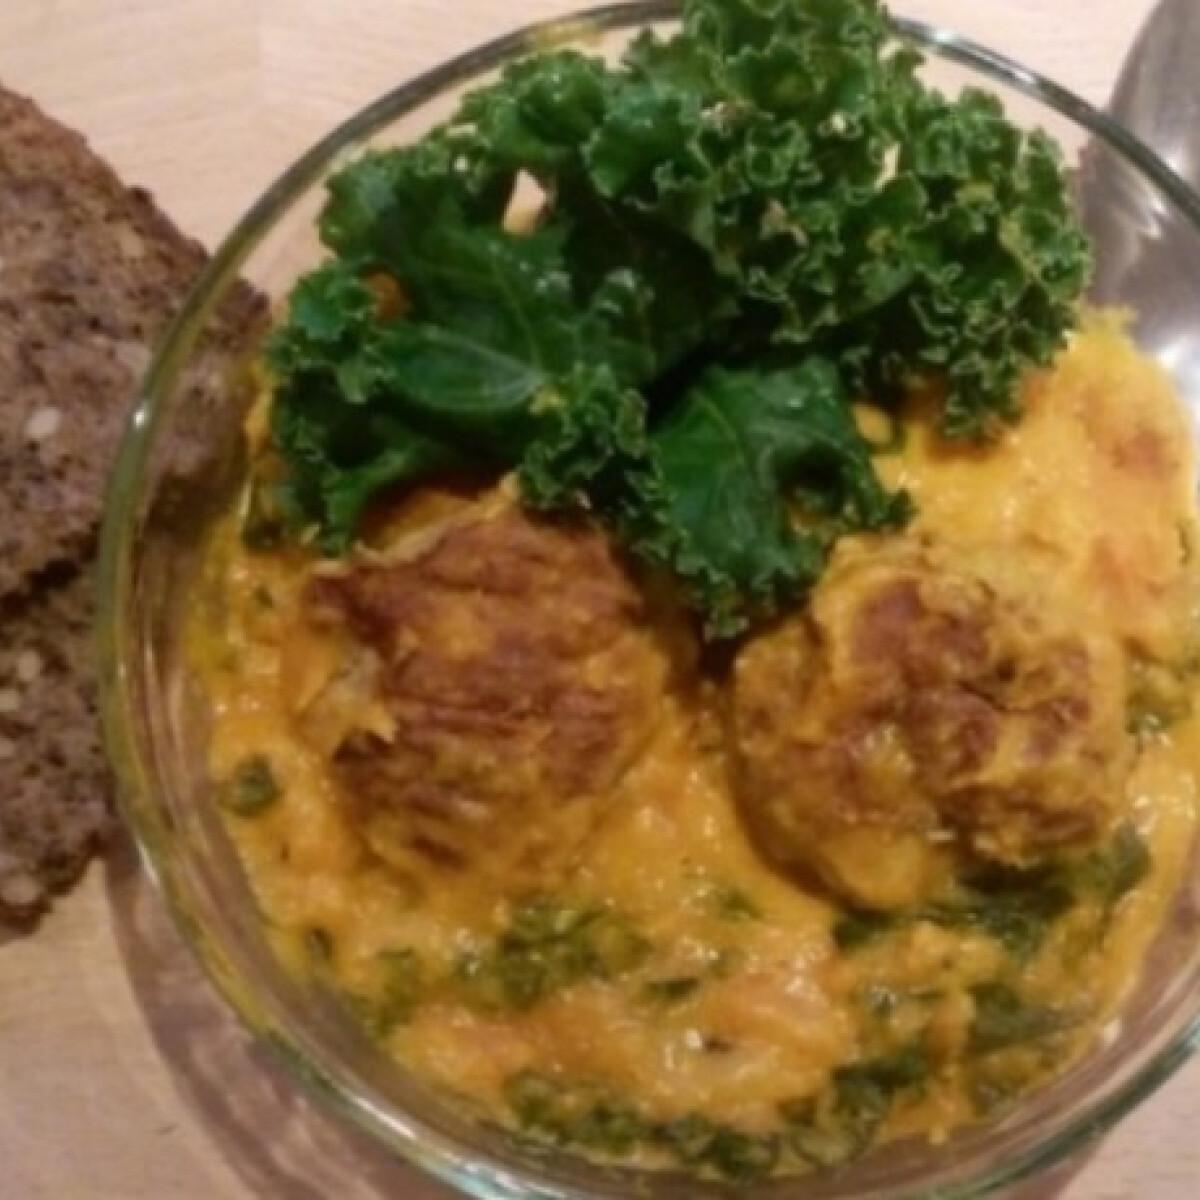 Ezen a képen: Sütőtök curry húsgolyókkal és kale-lel